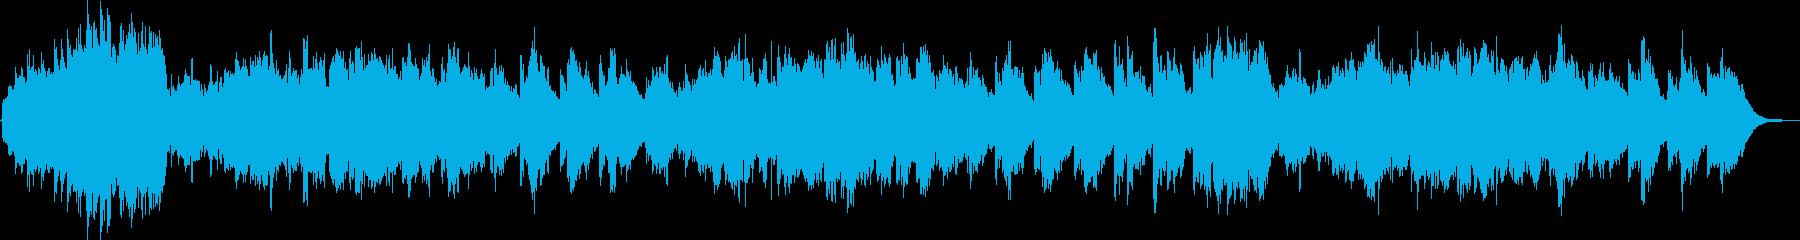 優しく少し切ないエンディング-1の再生済みの波形